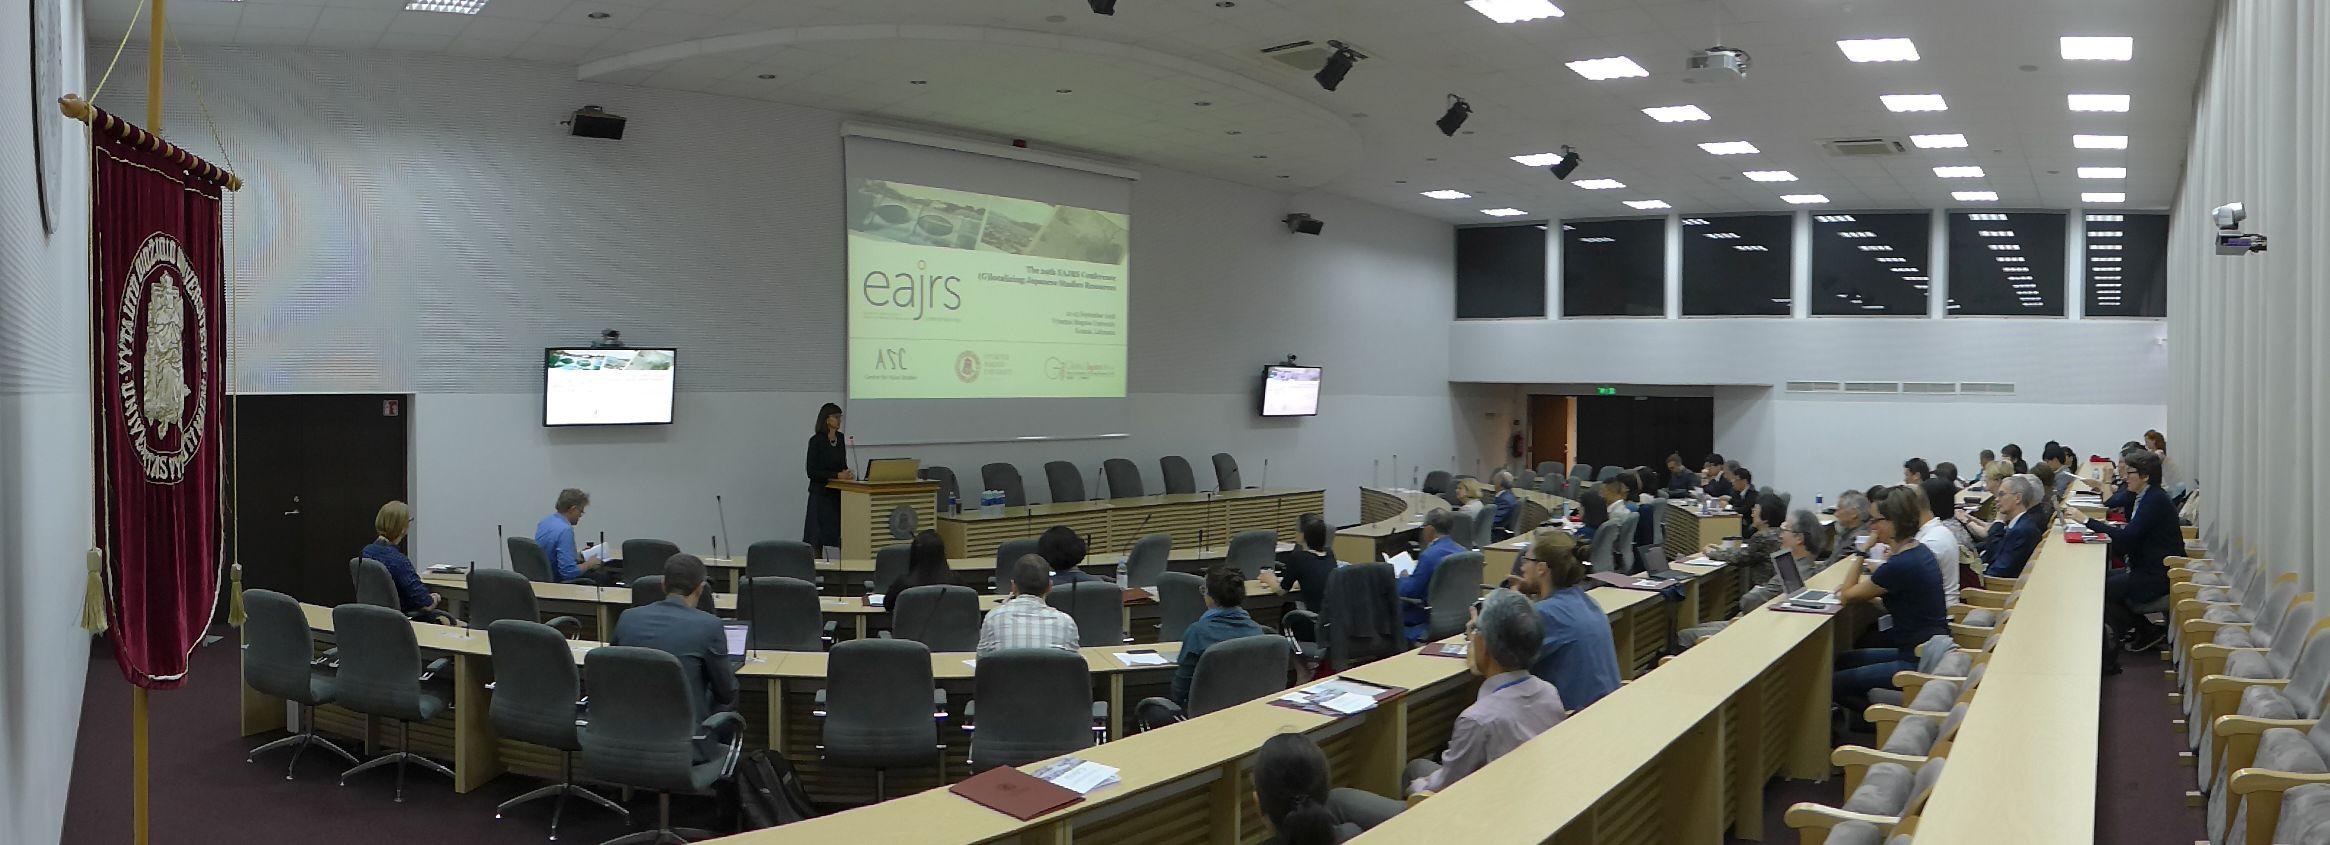 Eröffnung der EAJRS (SBB/Ursula Flache)